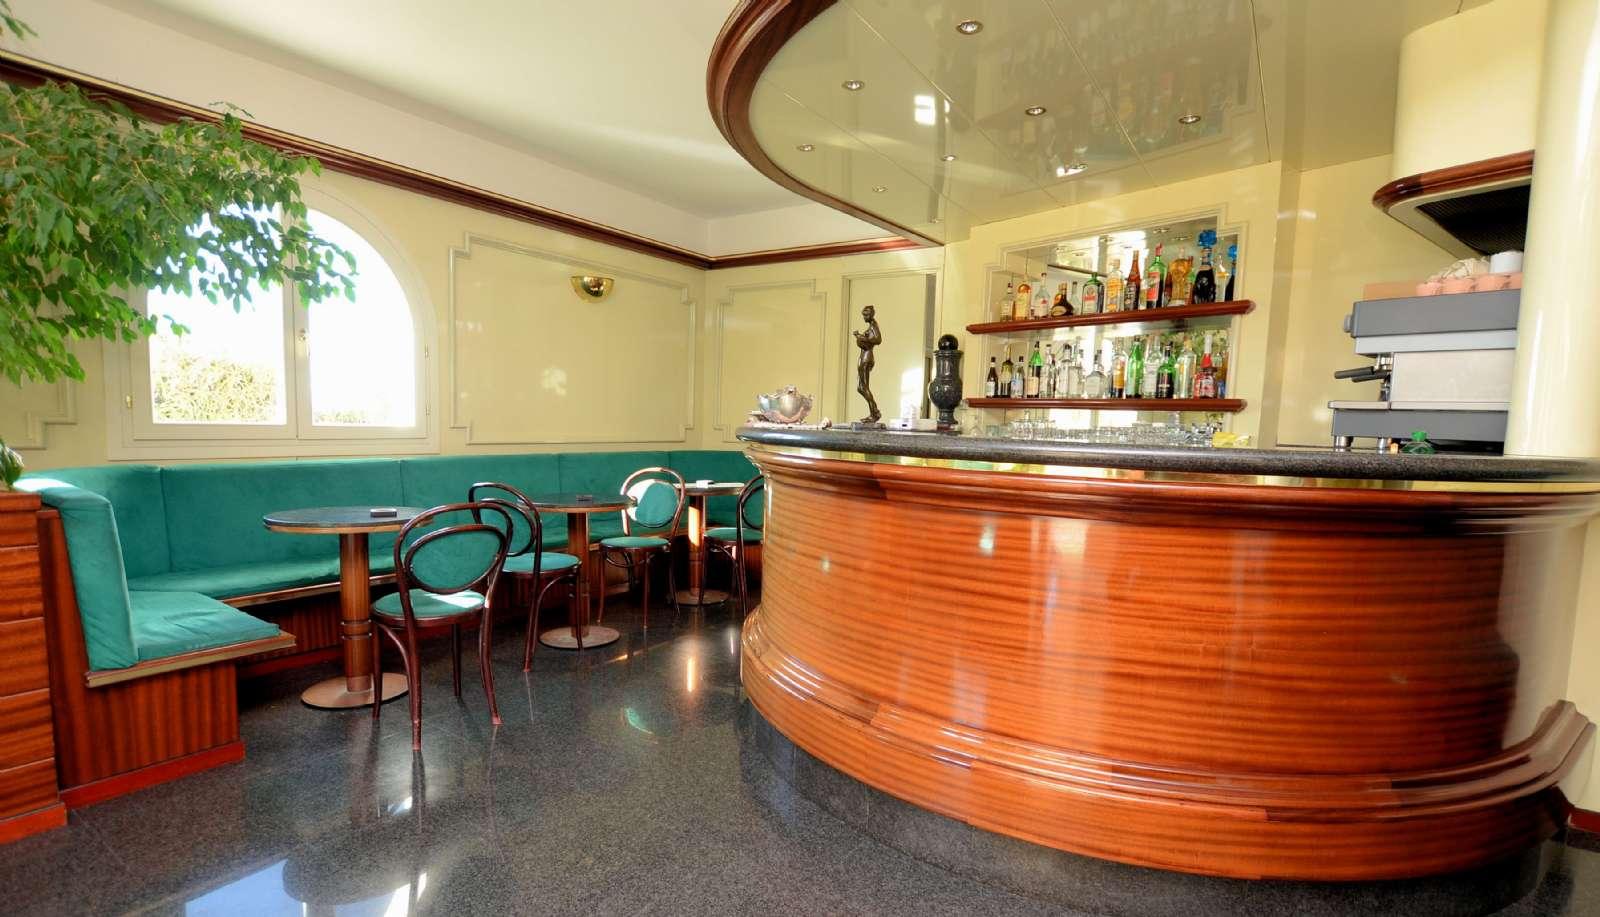 Reception med bar og siddepladser